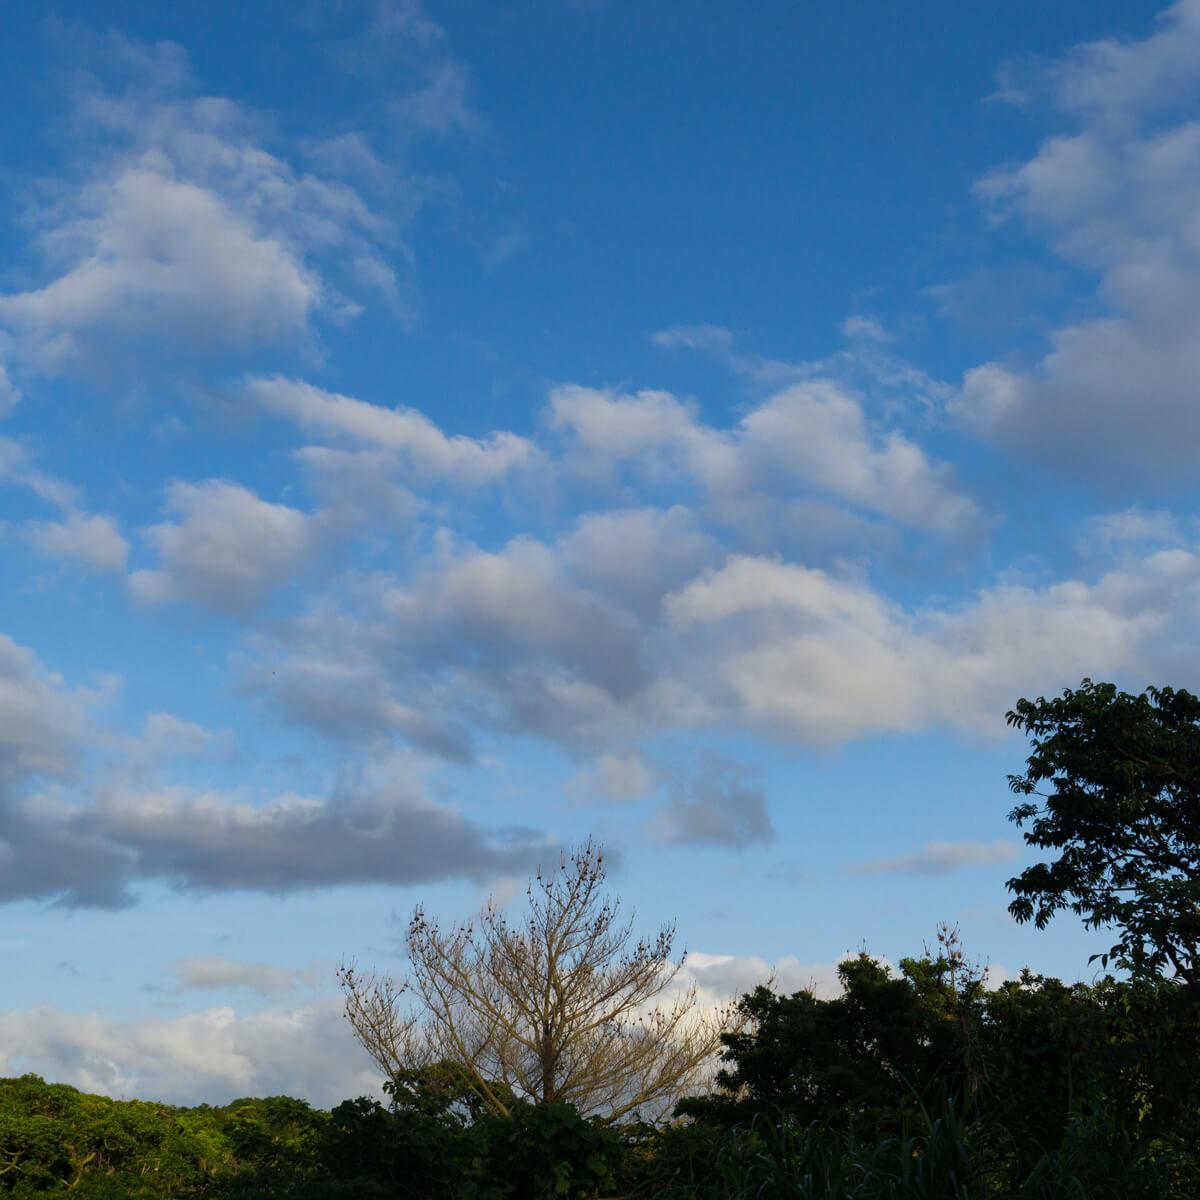 夕暮れ時 屋久島の空 オーダーメイドマリッジリングのモチーフ